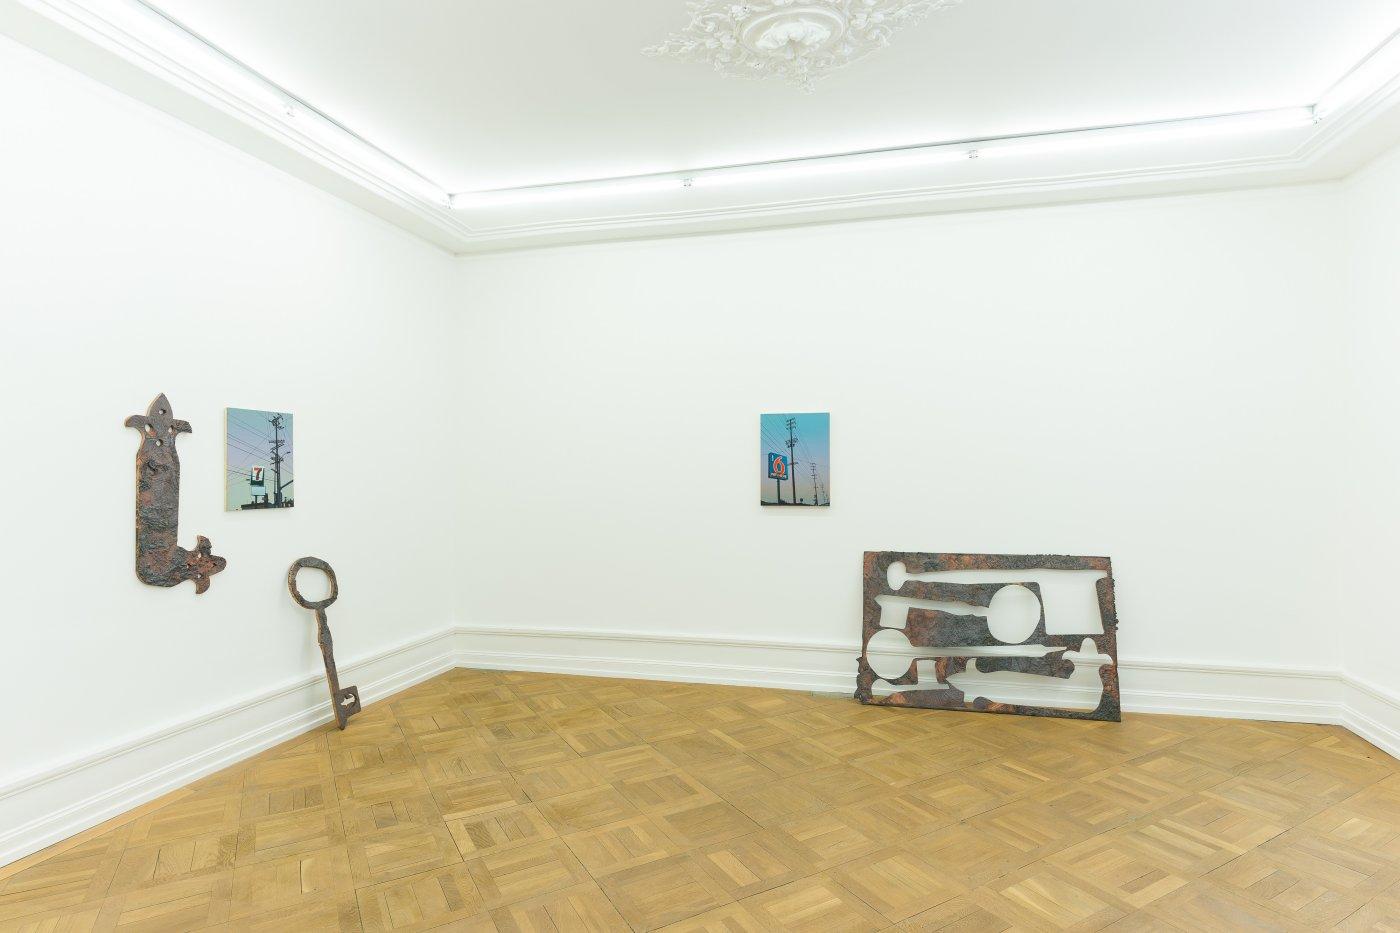 Mai 36 Galerie Rita McBride Glen Rubsamen 4